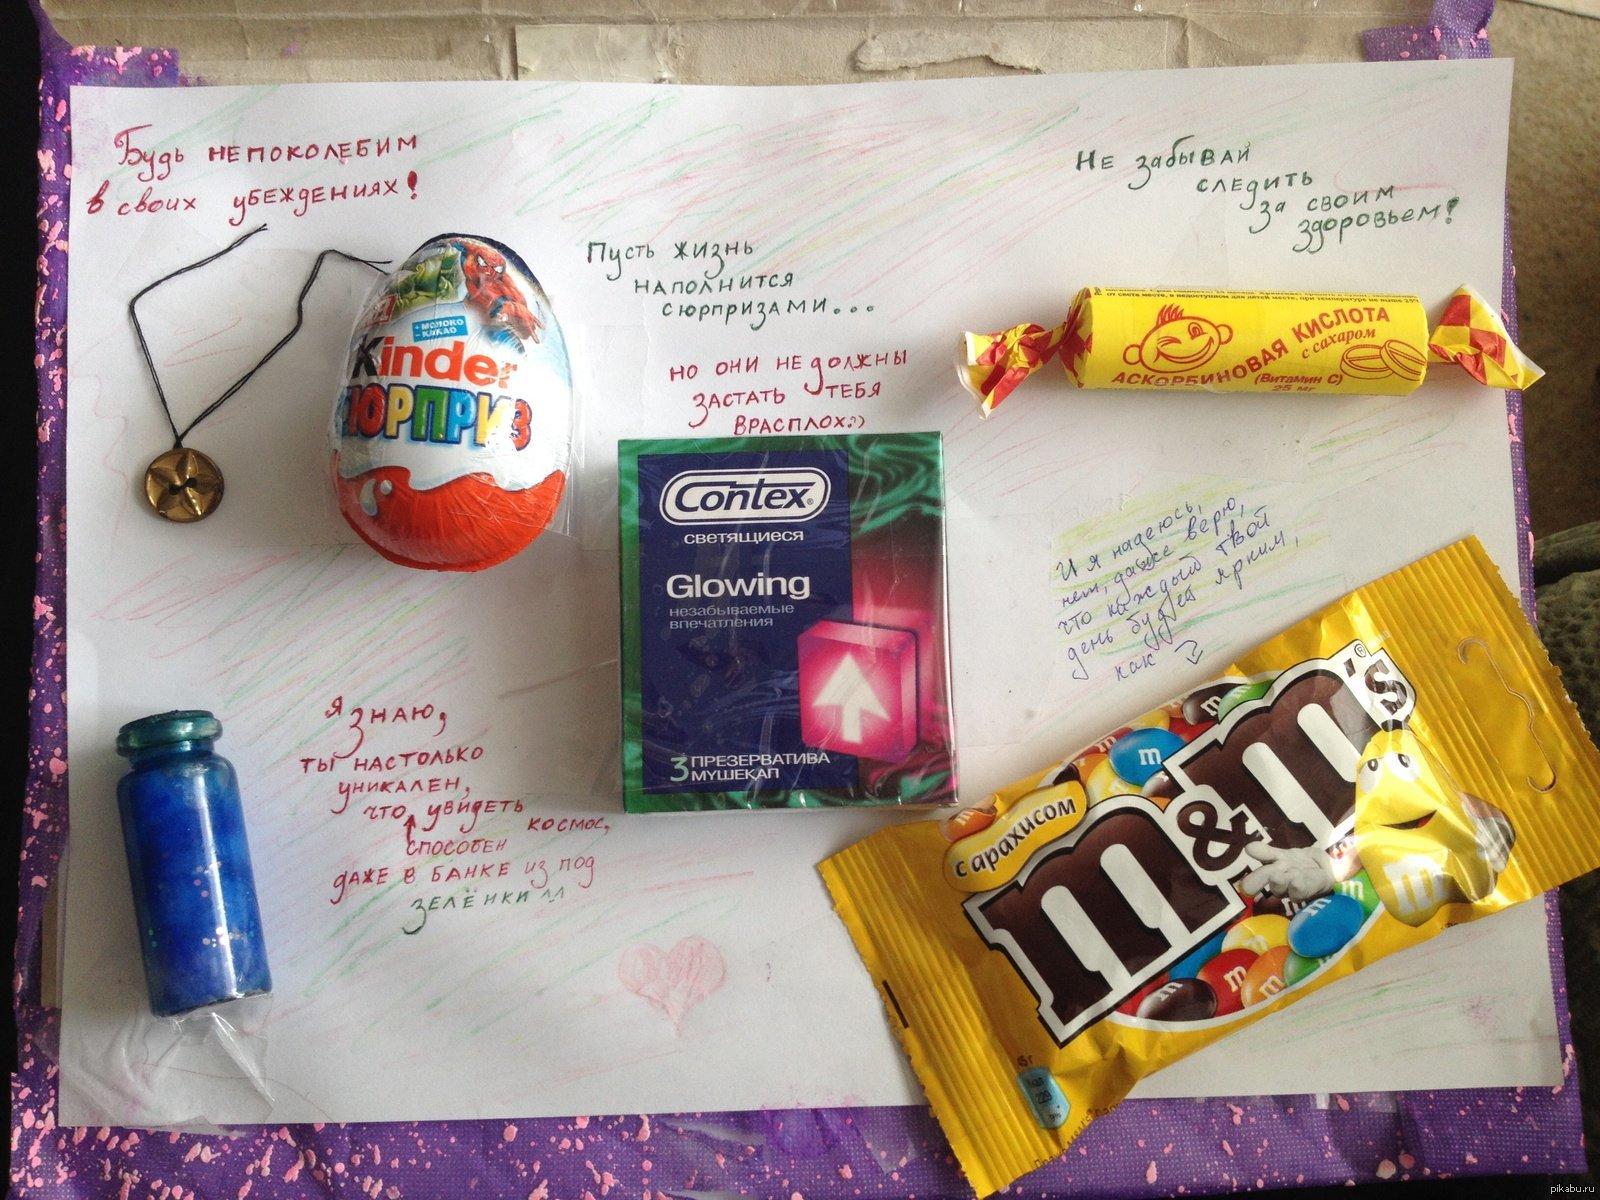 Как преподнести подарок на день рождения оригинально мужу